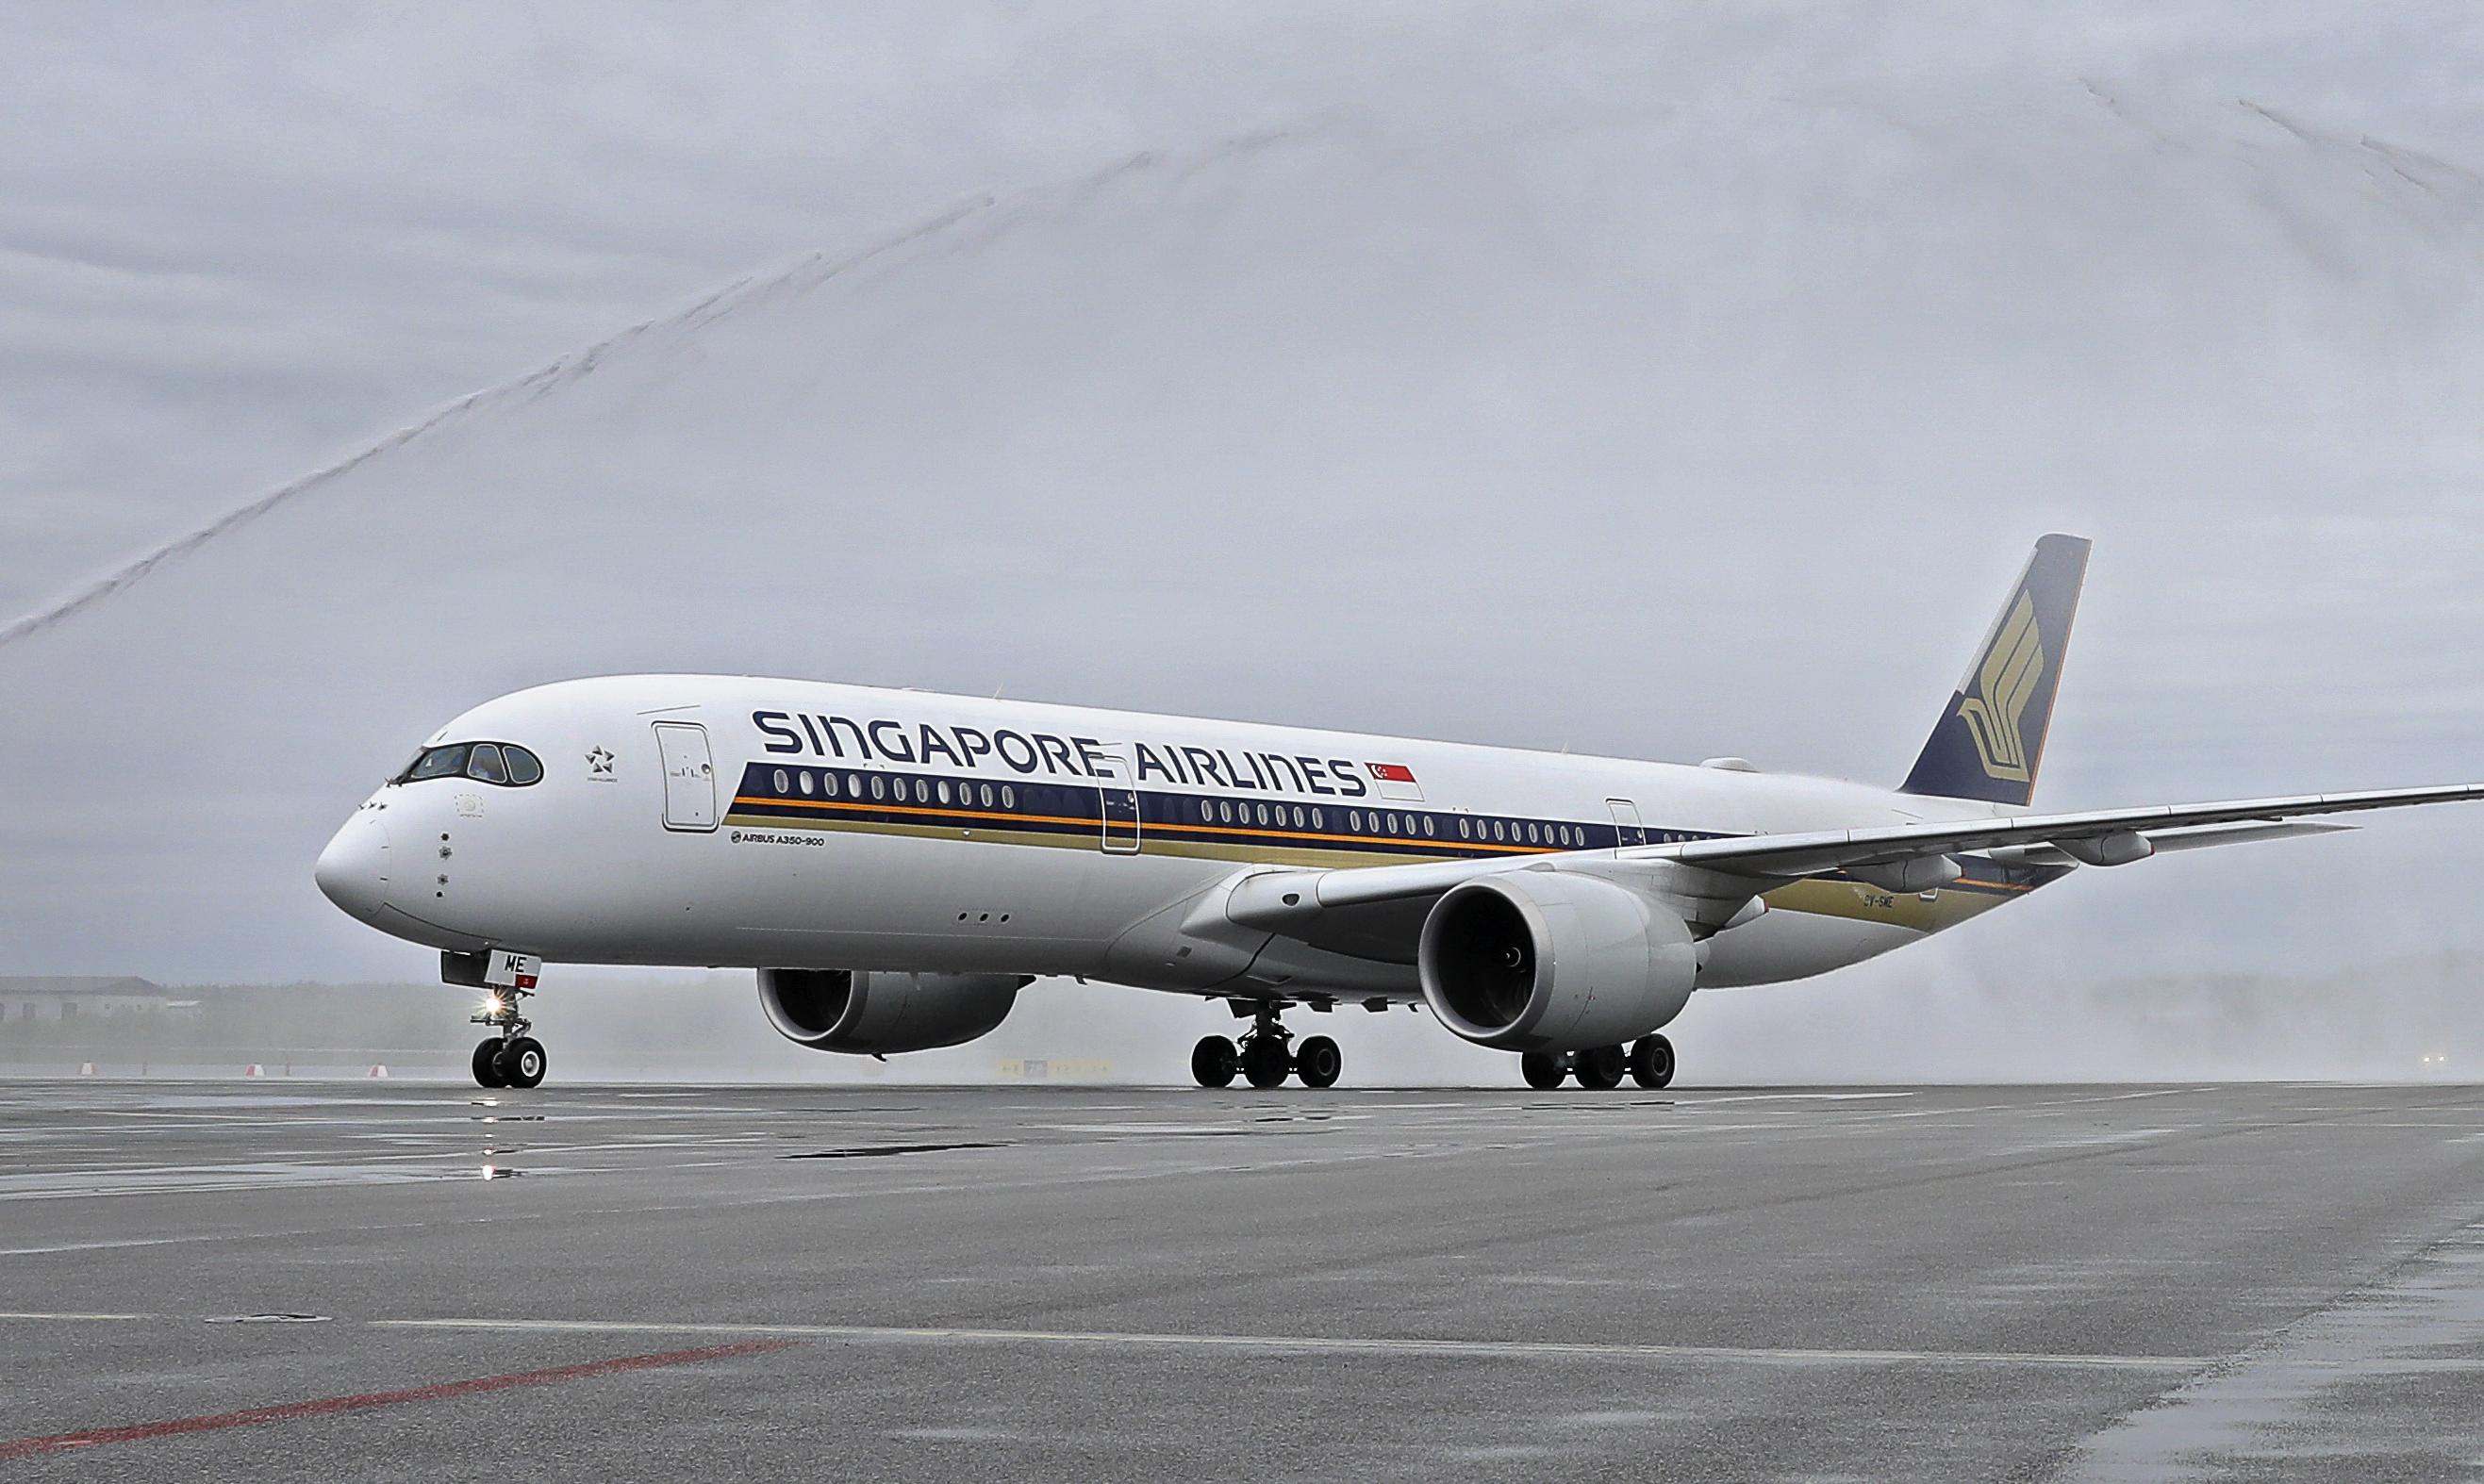 I maj sidste år havde Singapore Airlines premiere på sin nye rute fra Singapore til Stockholm med fem Airbus A350-900 fly om ugen. Ruten, der mellemlander i Moskva, har cirka 66.000 årlige flysæder. Foto: Arlanda Lufthavn.